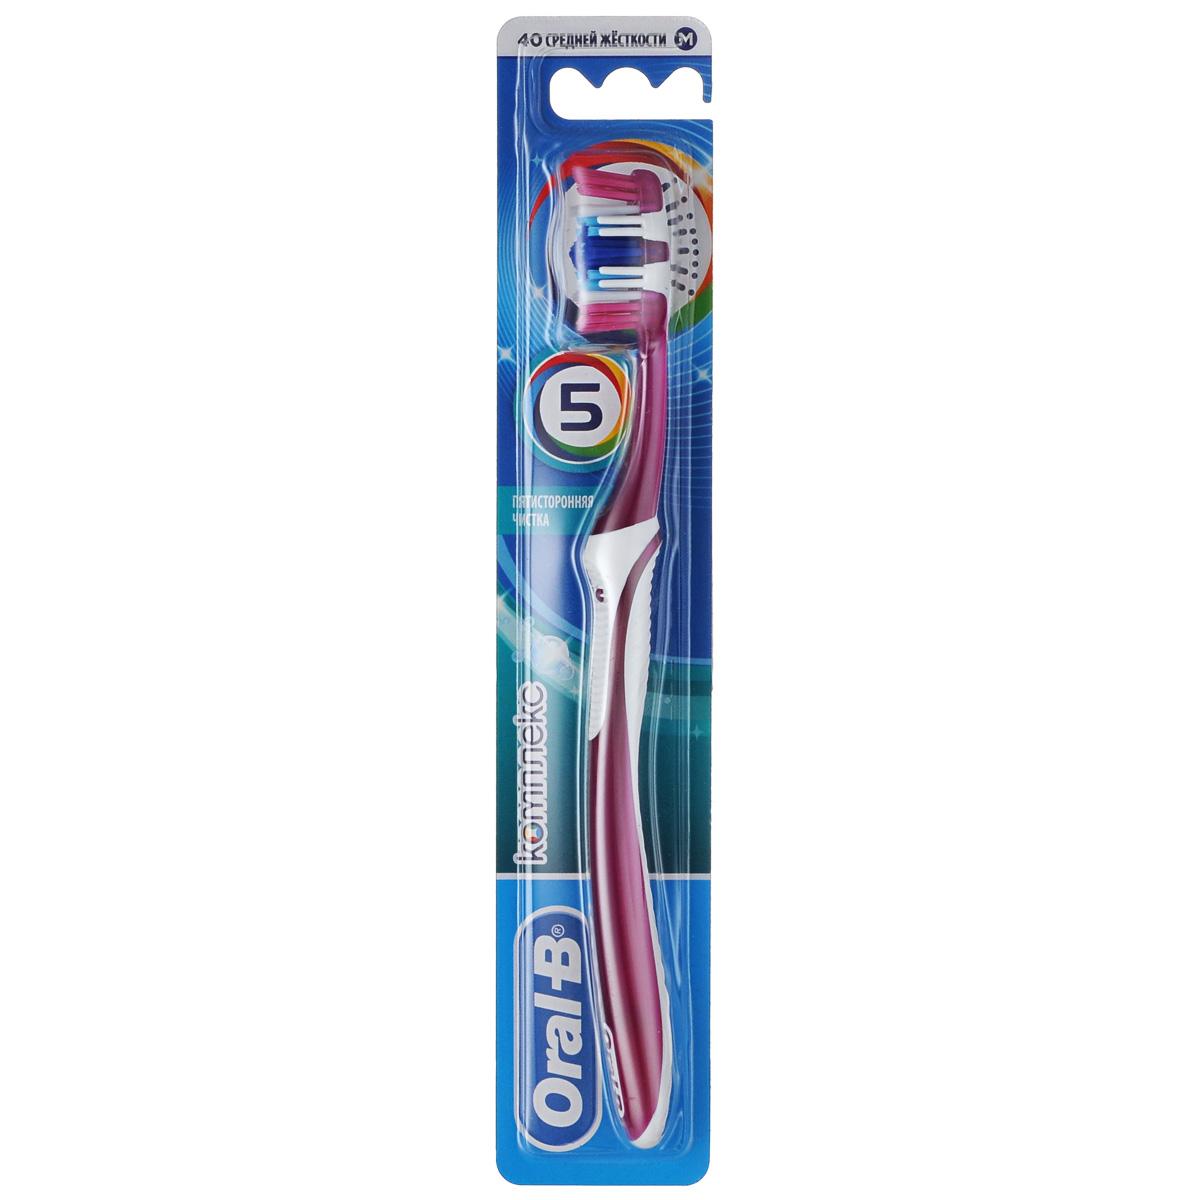 Oral-B Зубная щетка Комплекс. Пятисторонняя чистка, средняя жесткость, цвет: фиолетовыйORL-80232424_фиолетоваяЗубная щетка Oral-B Комплекс. Пятисторонняя чистка содержит 5 элементов для более тщательной чистки (по сравнению с обычной зубной щеткой): 1. Щетинки Power Tip очищают труднодоступные участки; 2. Ряд щетинок Interdental чистят участки между зубами; 3. Отбеливающая чашечка полирует поверхность зубов; 4. Массирующие десны щетинки ухаживают за вашими деснами; 5. Поверхность для чистки языка помогает удалить больше бактерий полости рта. Товар сертифицирован.